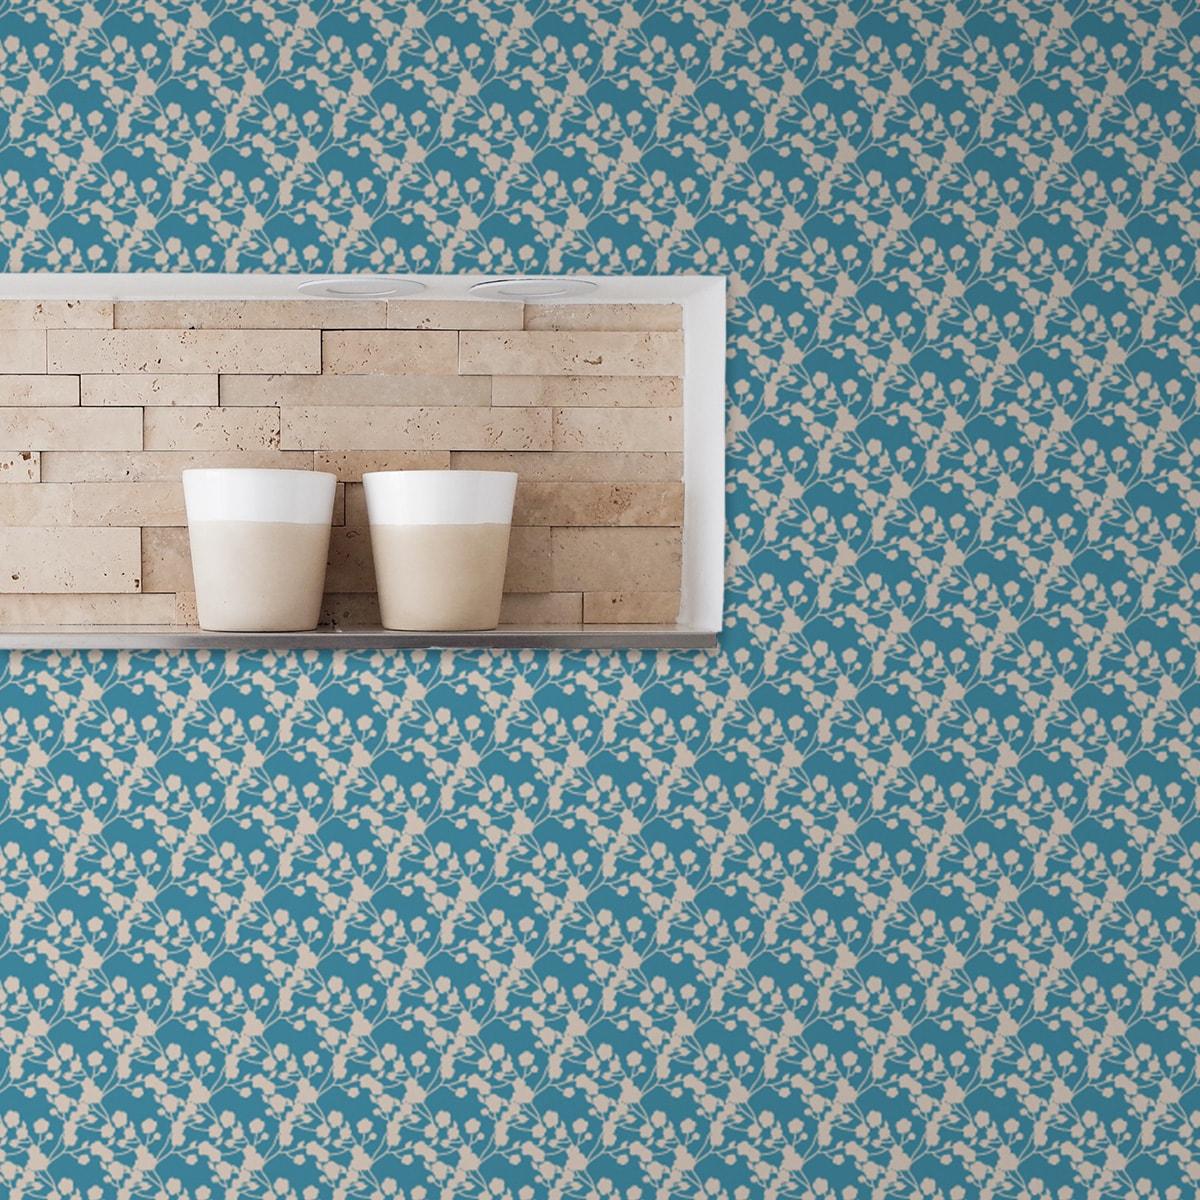 Schlafzimmer tapezieren in mittelblau: Blaue Tapete